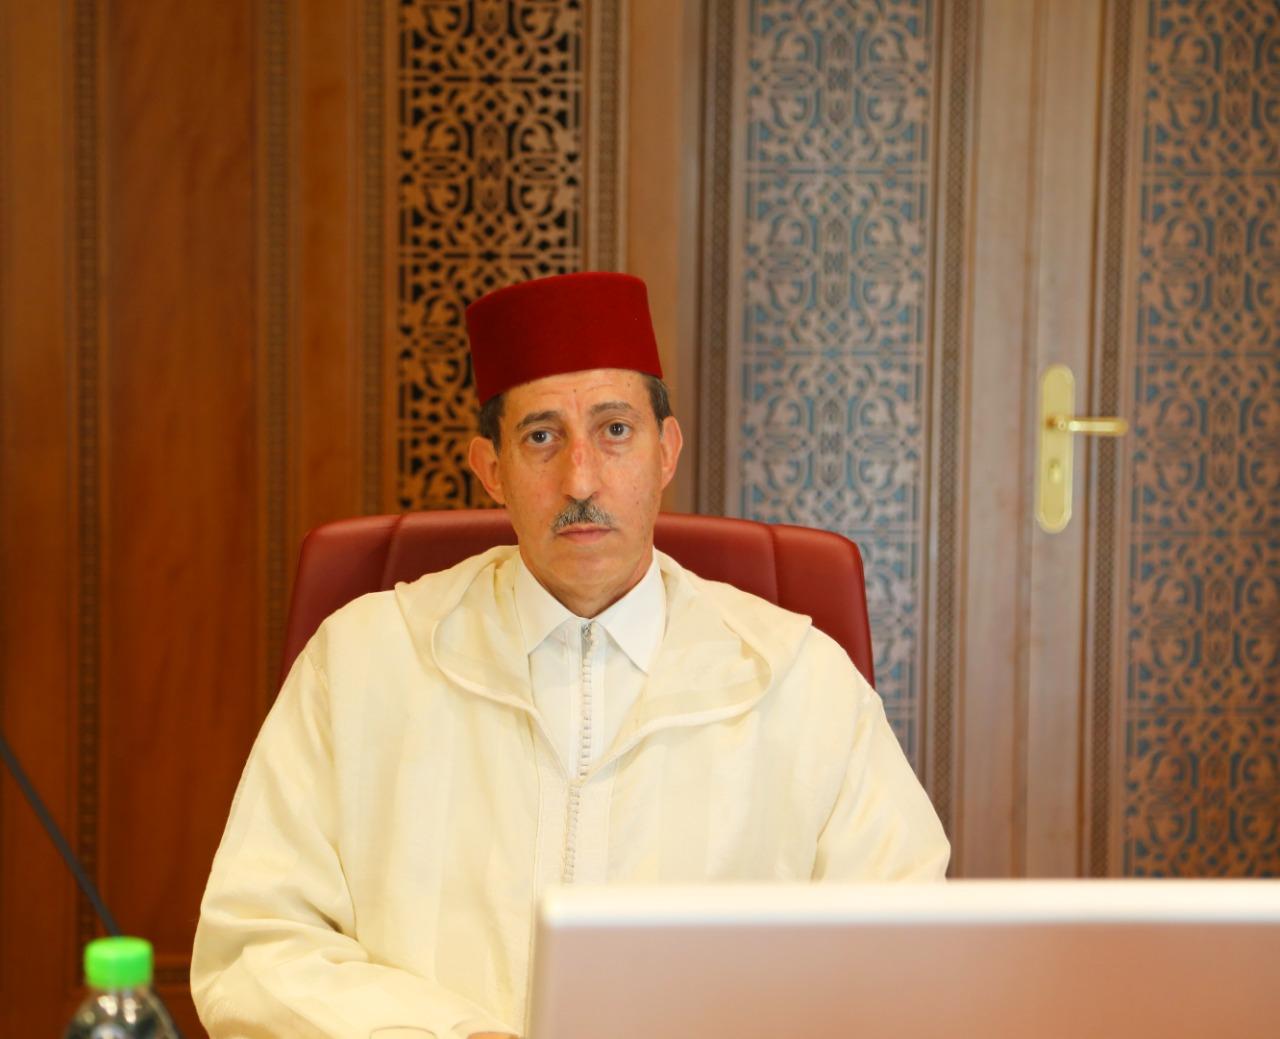 نص الحوار الذي خص به السيد مولاي الحسن الداكي الوكيل العام للملك رئيس النيابة العامة وكالة المغرب العربي للأنباء، ويتطرق من خلاله إلى حصيلة عمل المؤسسة خلال السنوات الأربع الماضية، كما يستعرض محاور العمل المستقبلية لتعزيز صرح هذه المؤسسة القضائية